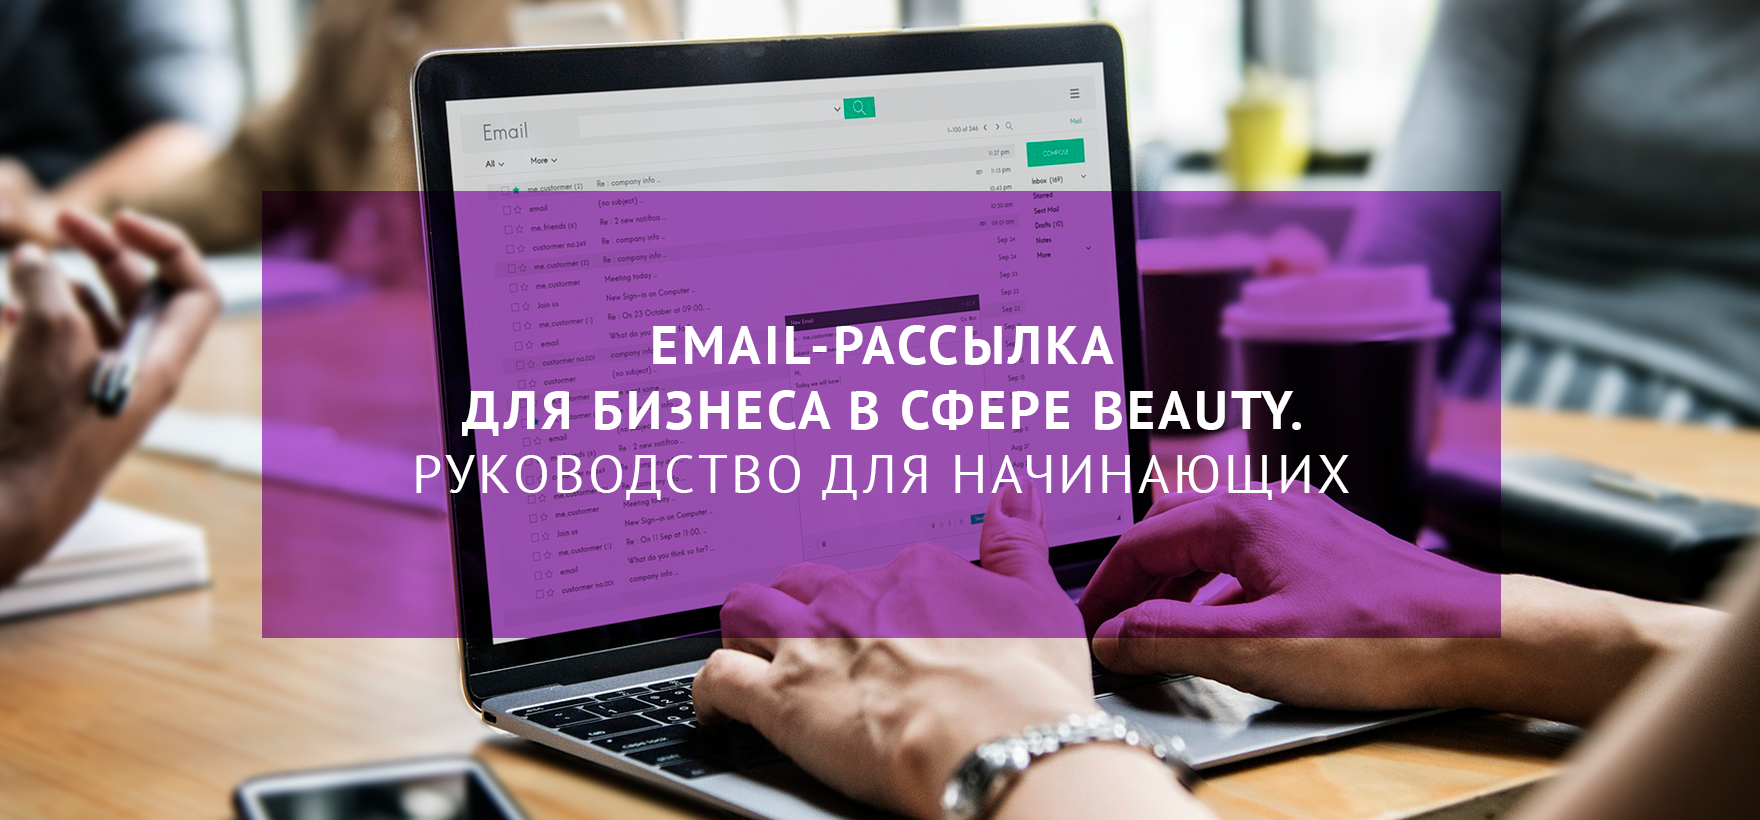 Email-рассылка для бизнеса в сфере beauty — Beauty Pro